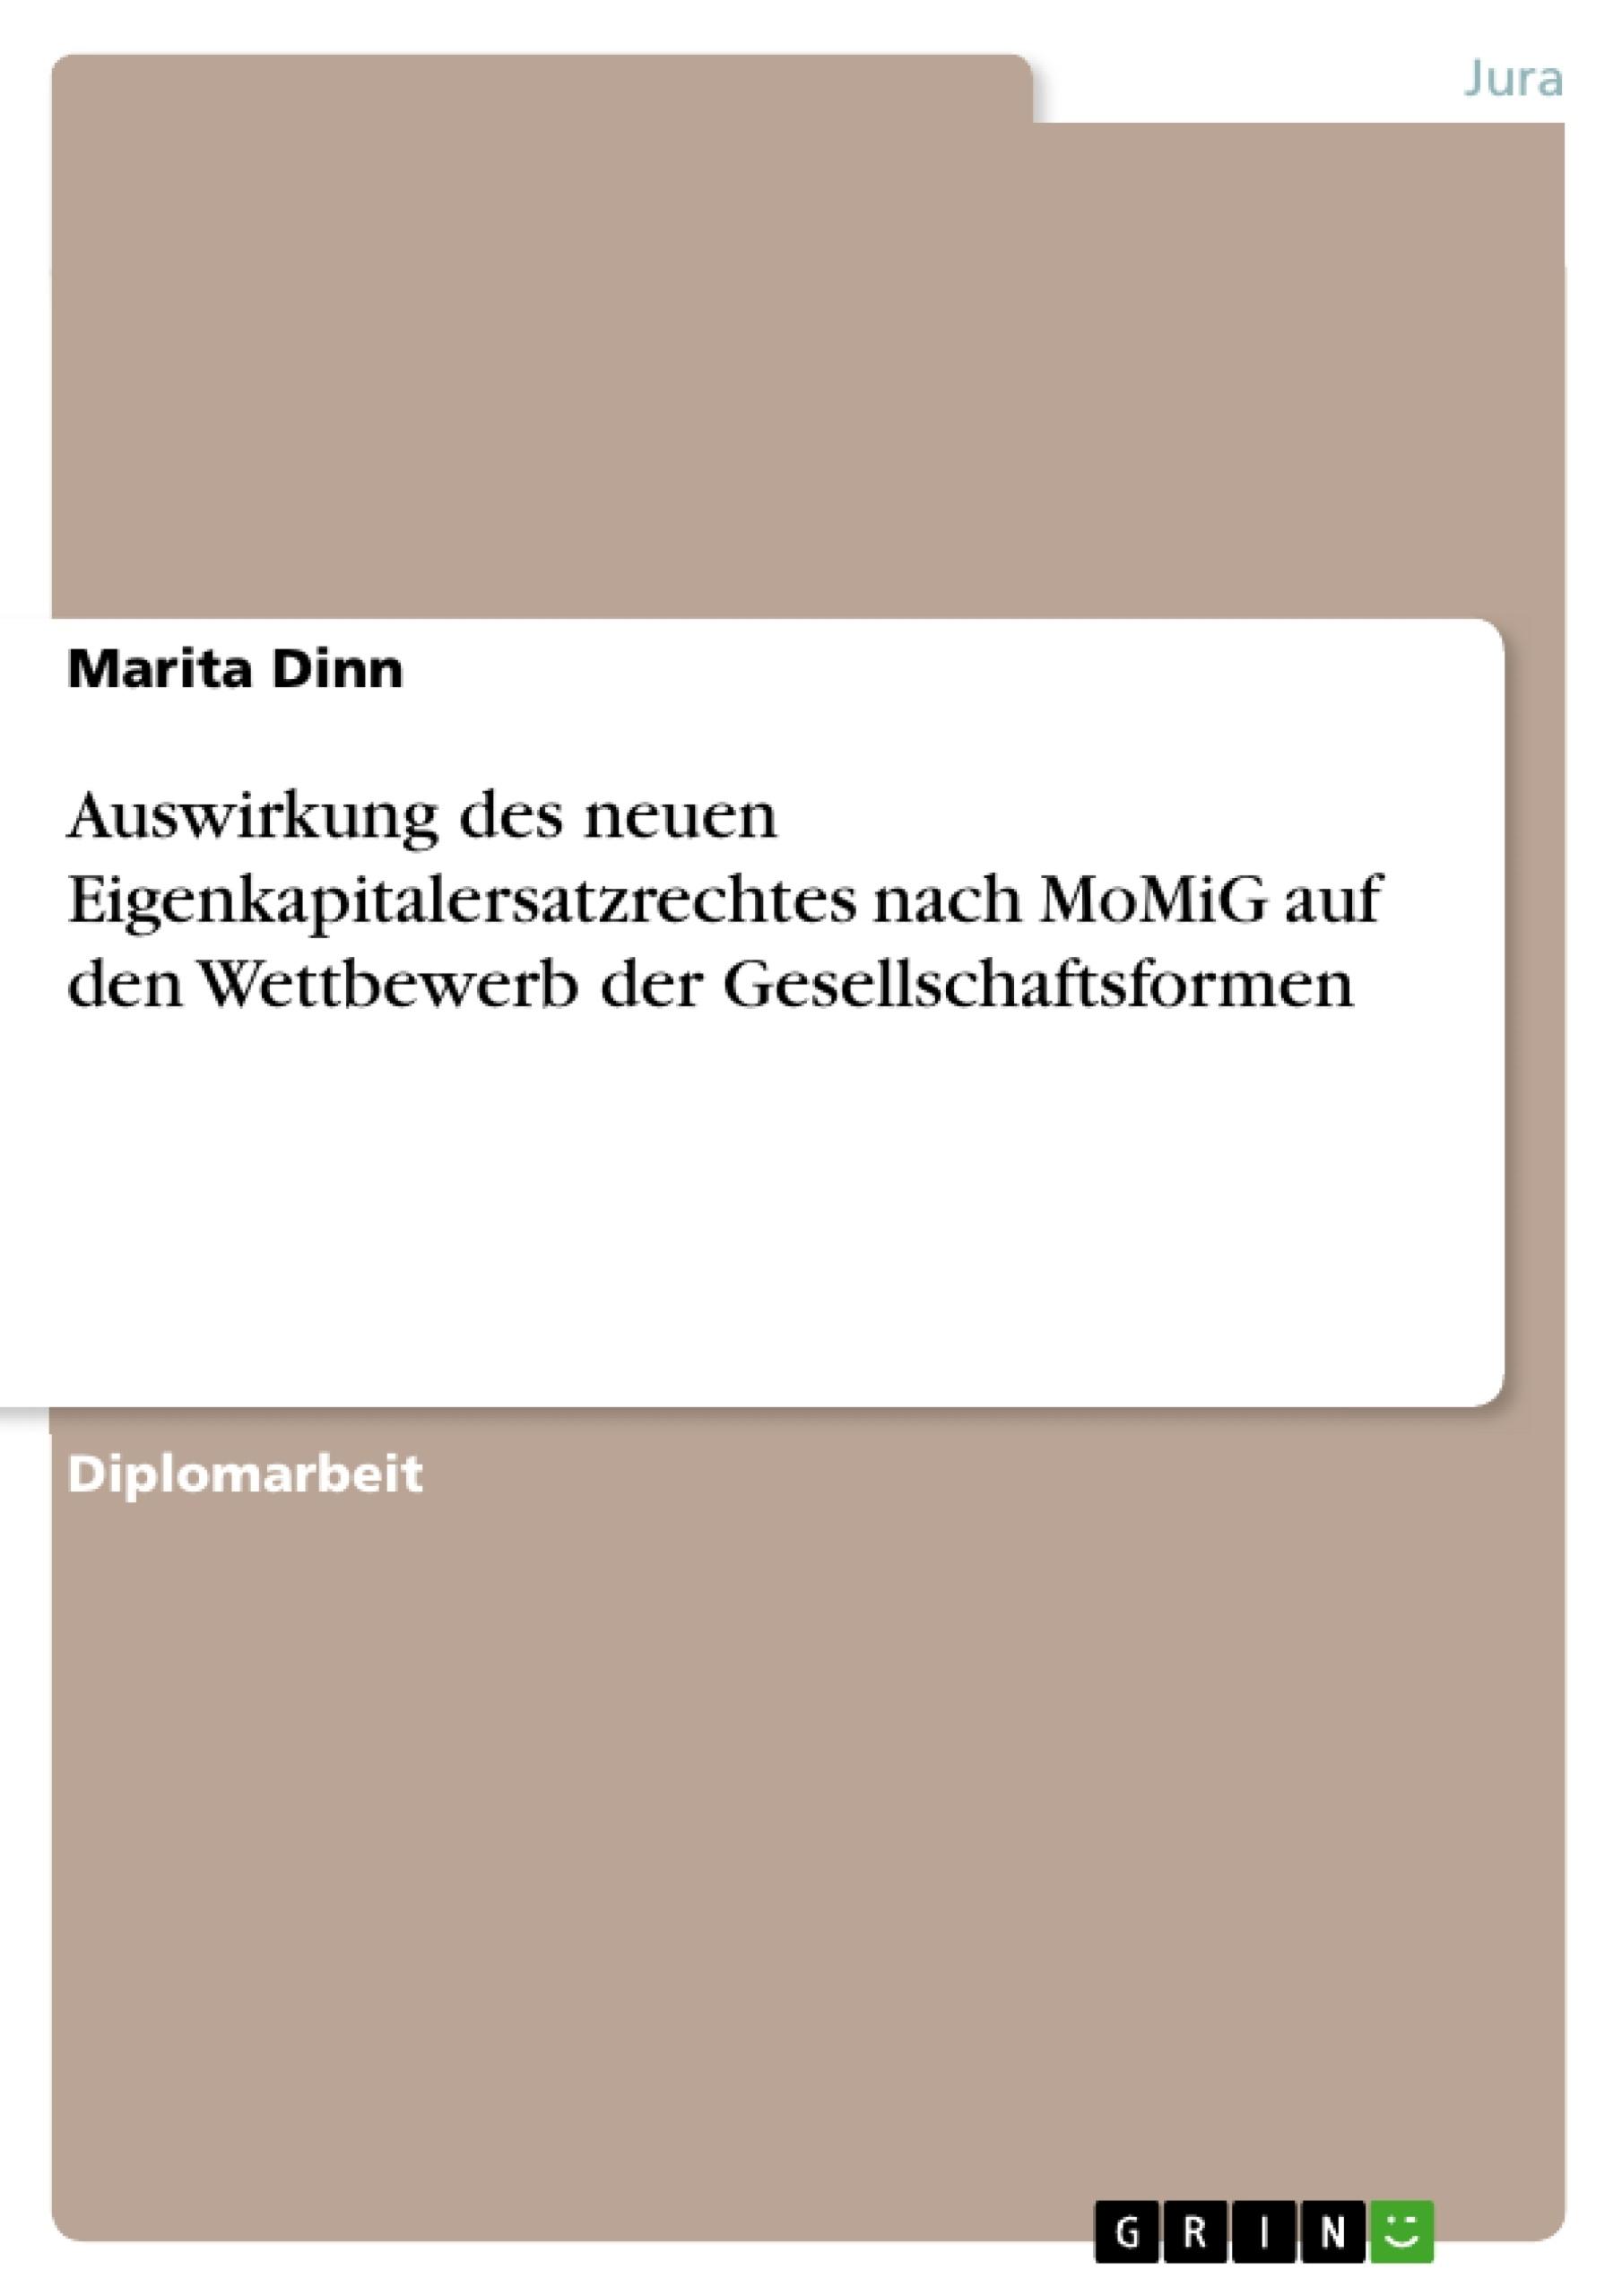 Titel: Auswirkung des neuen Eigenkapitalersatzrechtes nach MoMiG auf den Wettbewerb der Gesellschaftsformen